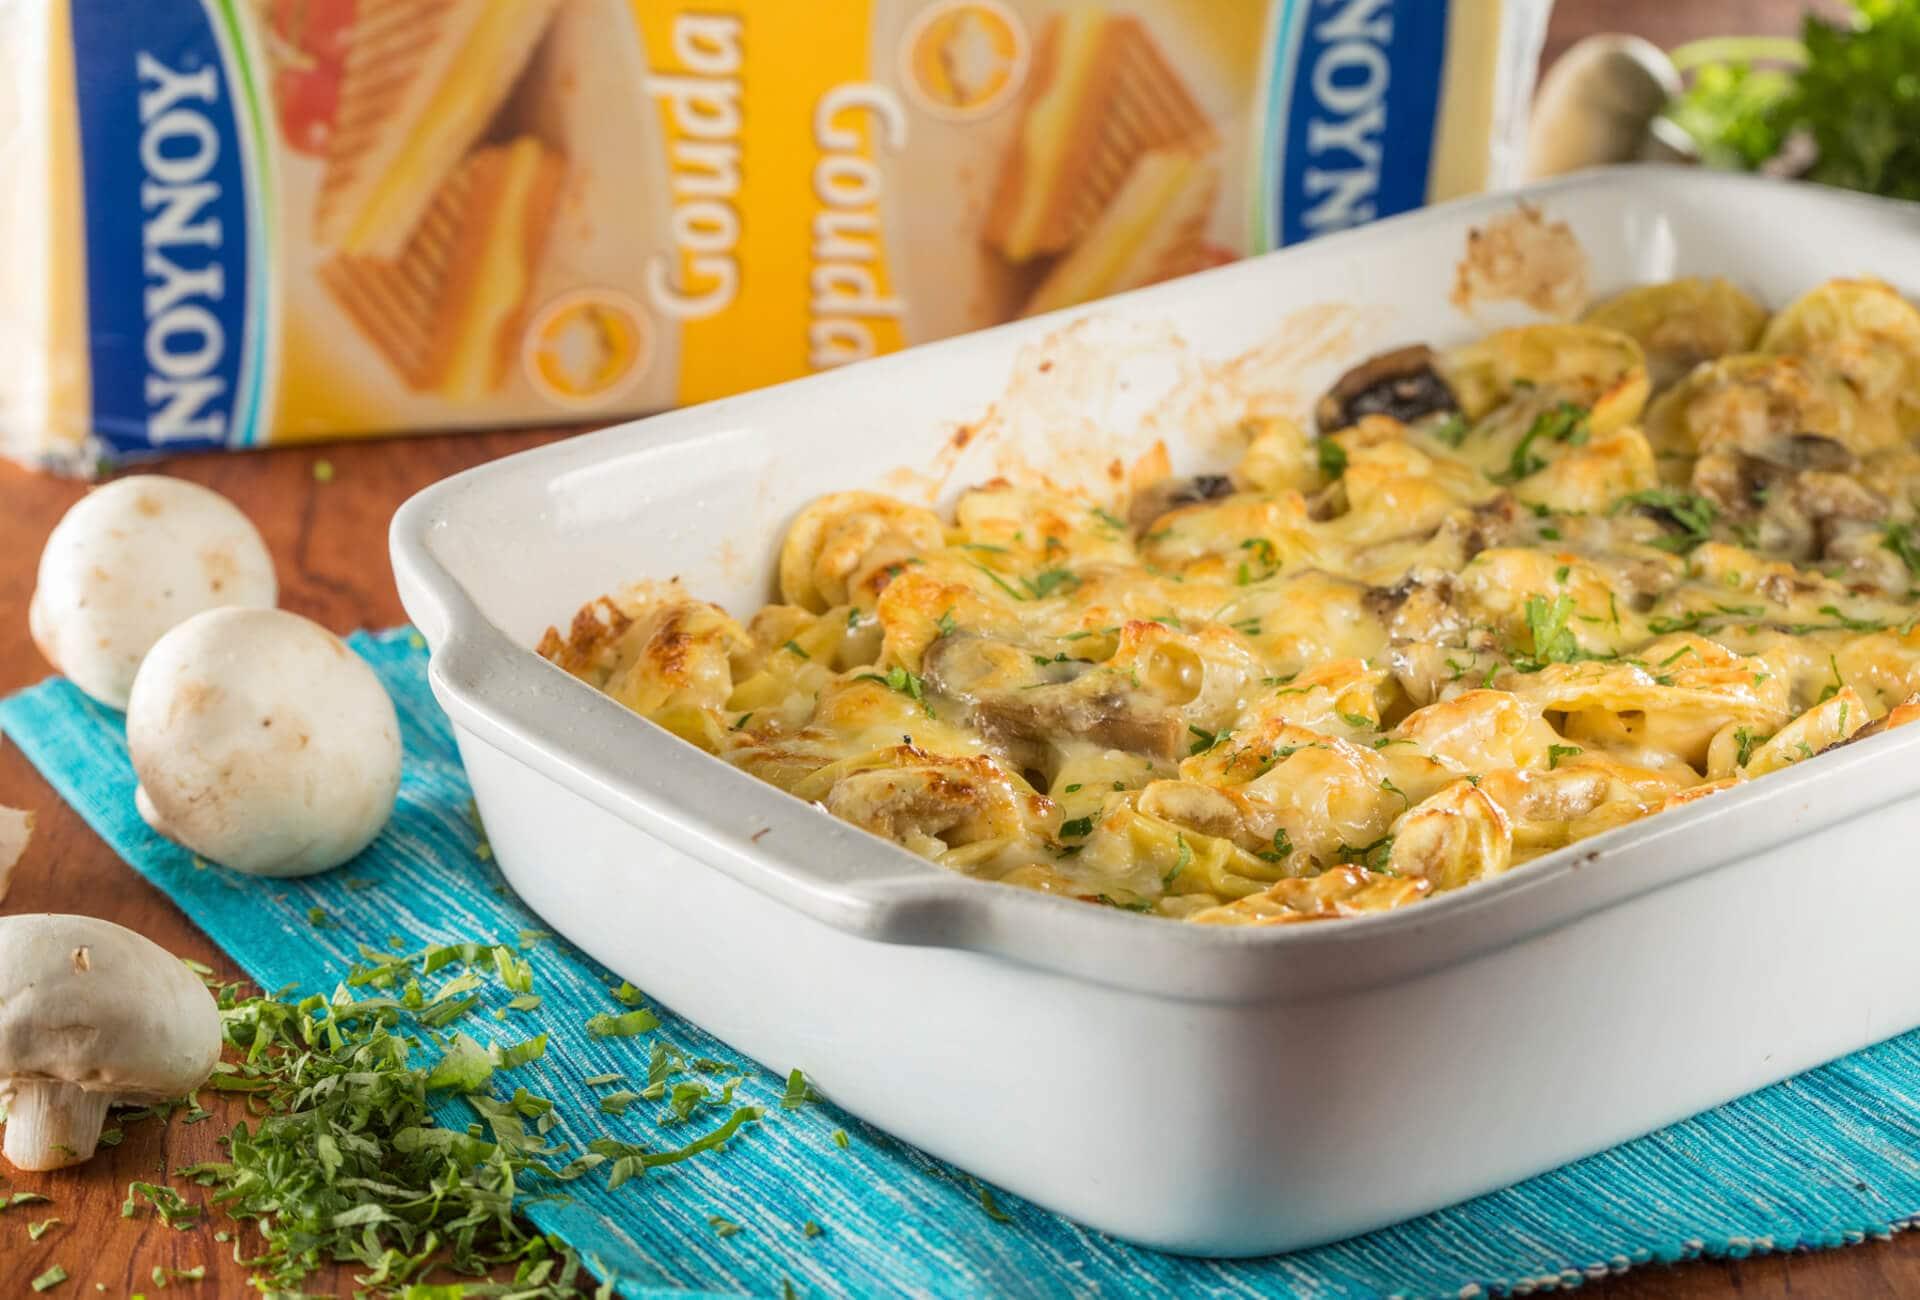 Τορτελίνια στο φούρνο με μανιτάρια & 4 τυριά